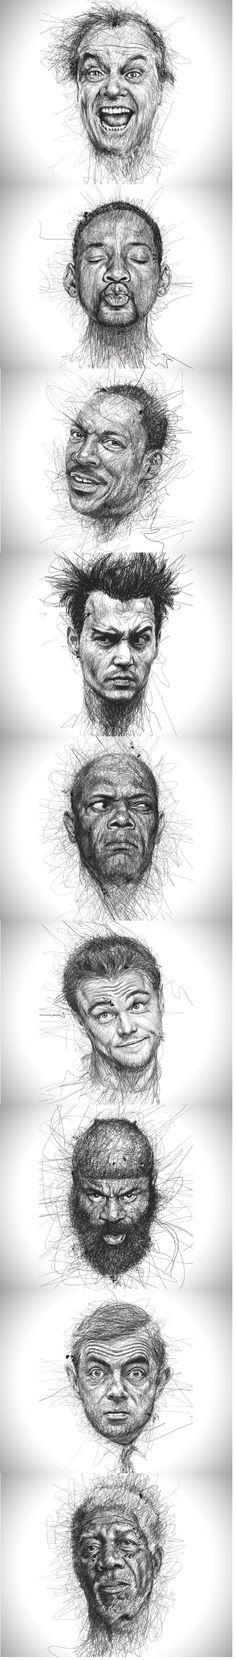 Retratos de estrellas, trazo de lápiz.